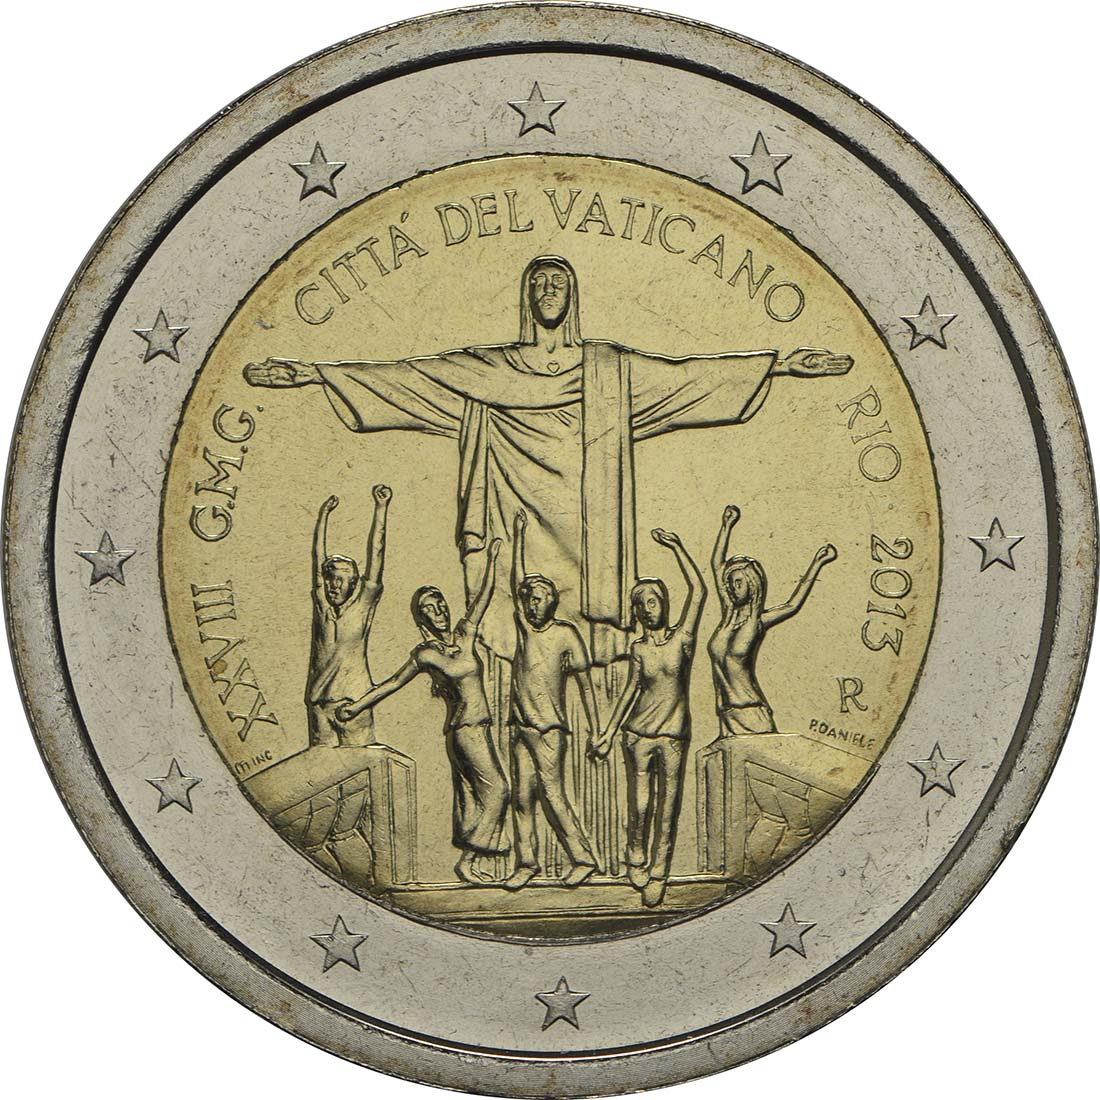 2013 154 Vatikan Rio.jpg